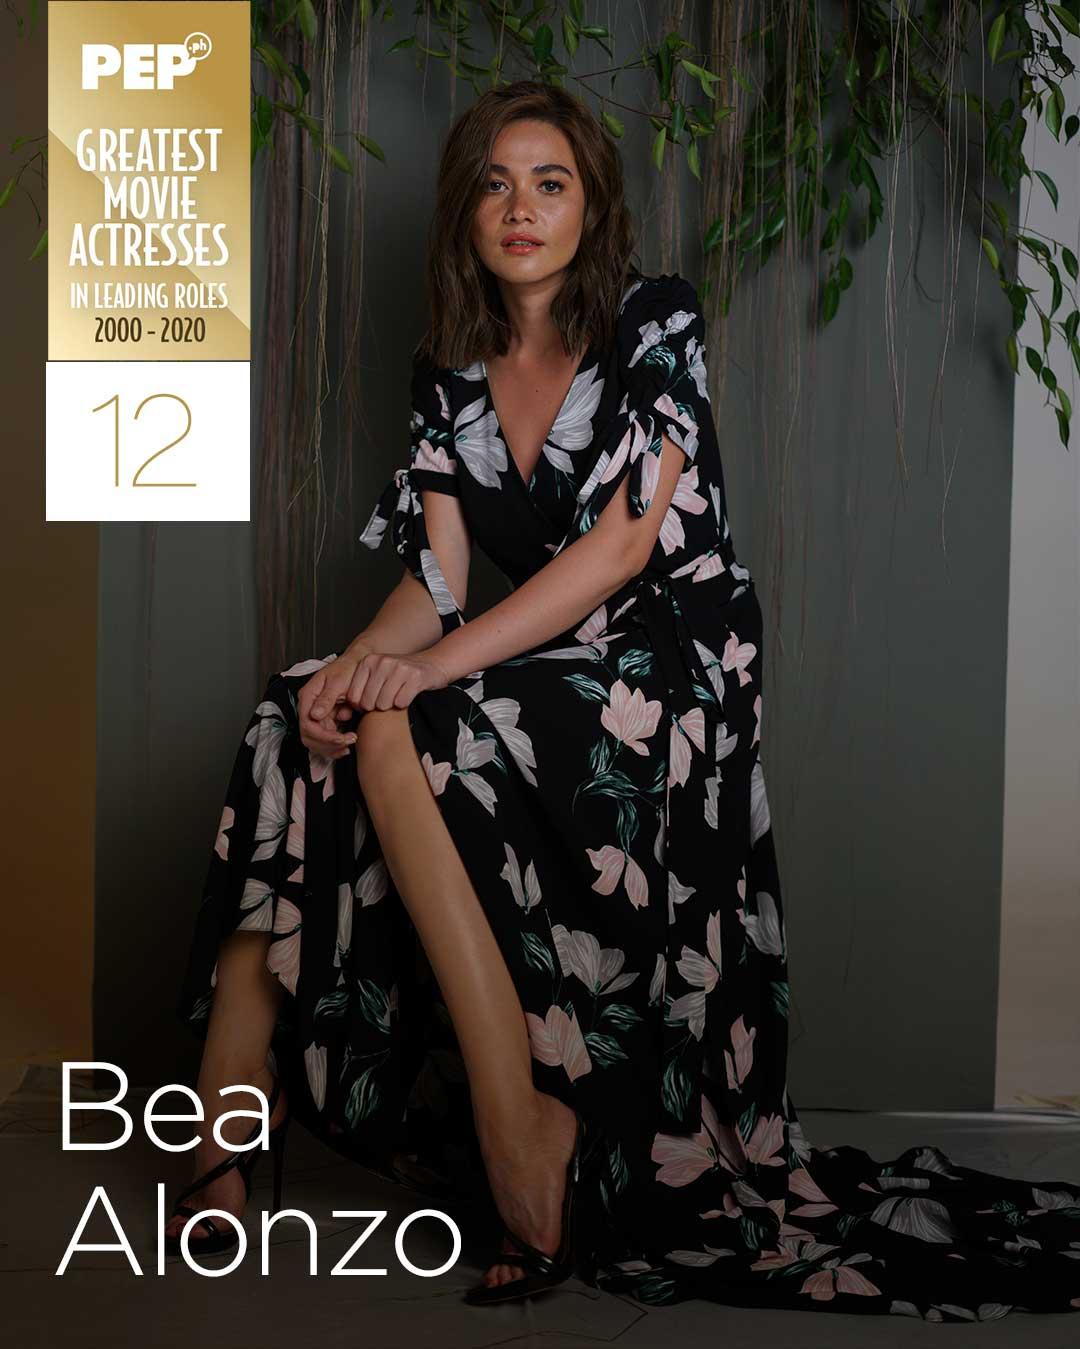 Bea Alonzo, 15 Greatest Movie Actresses